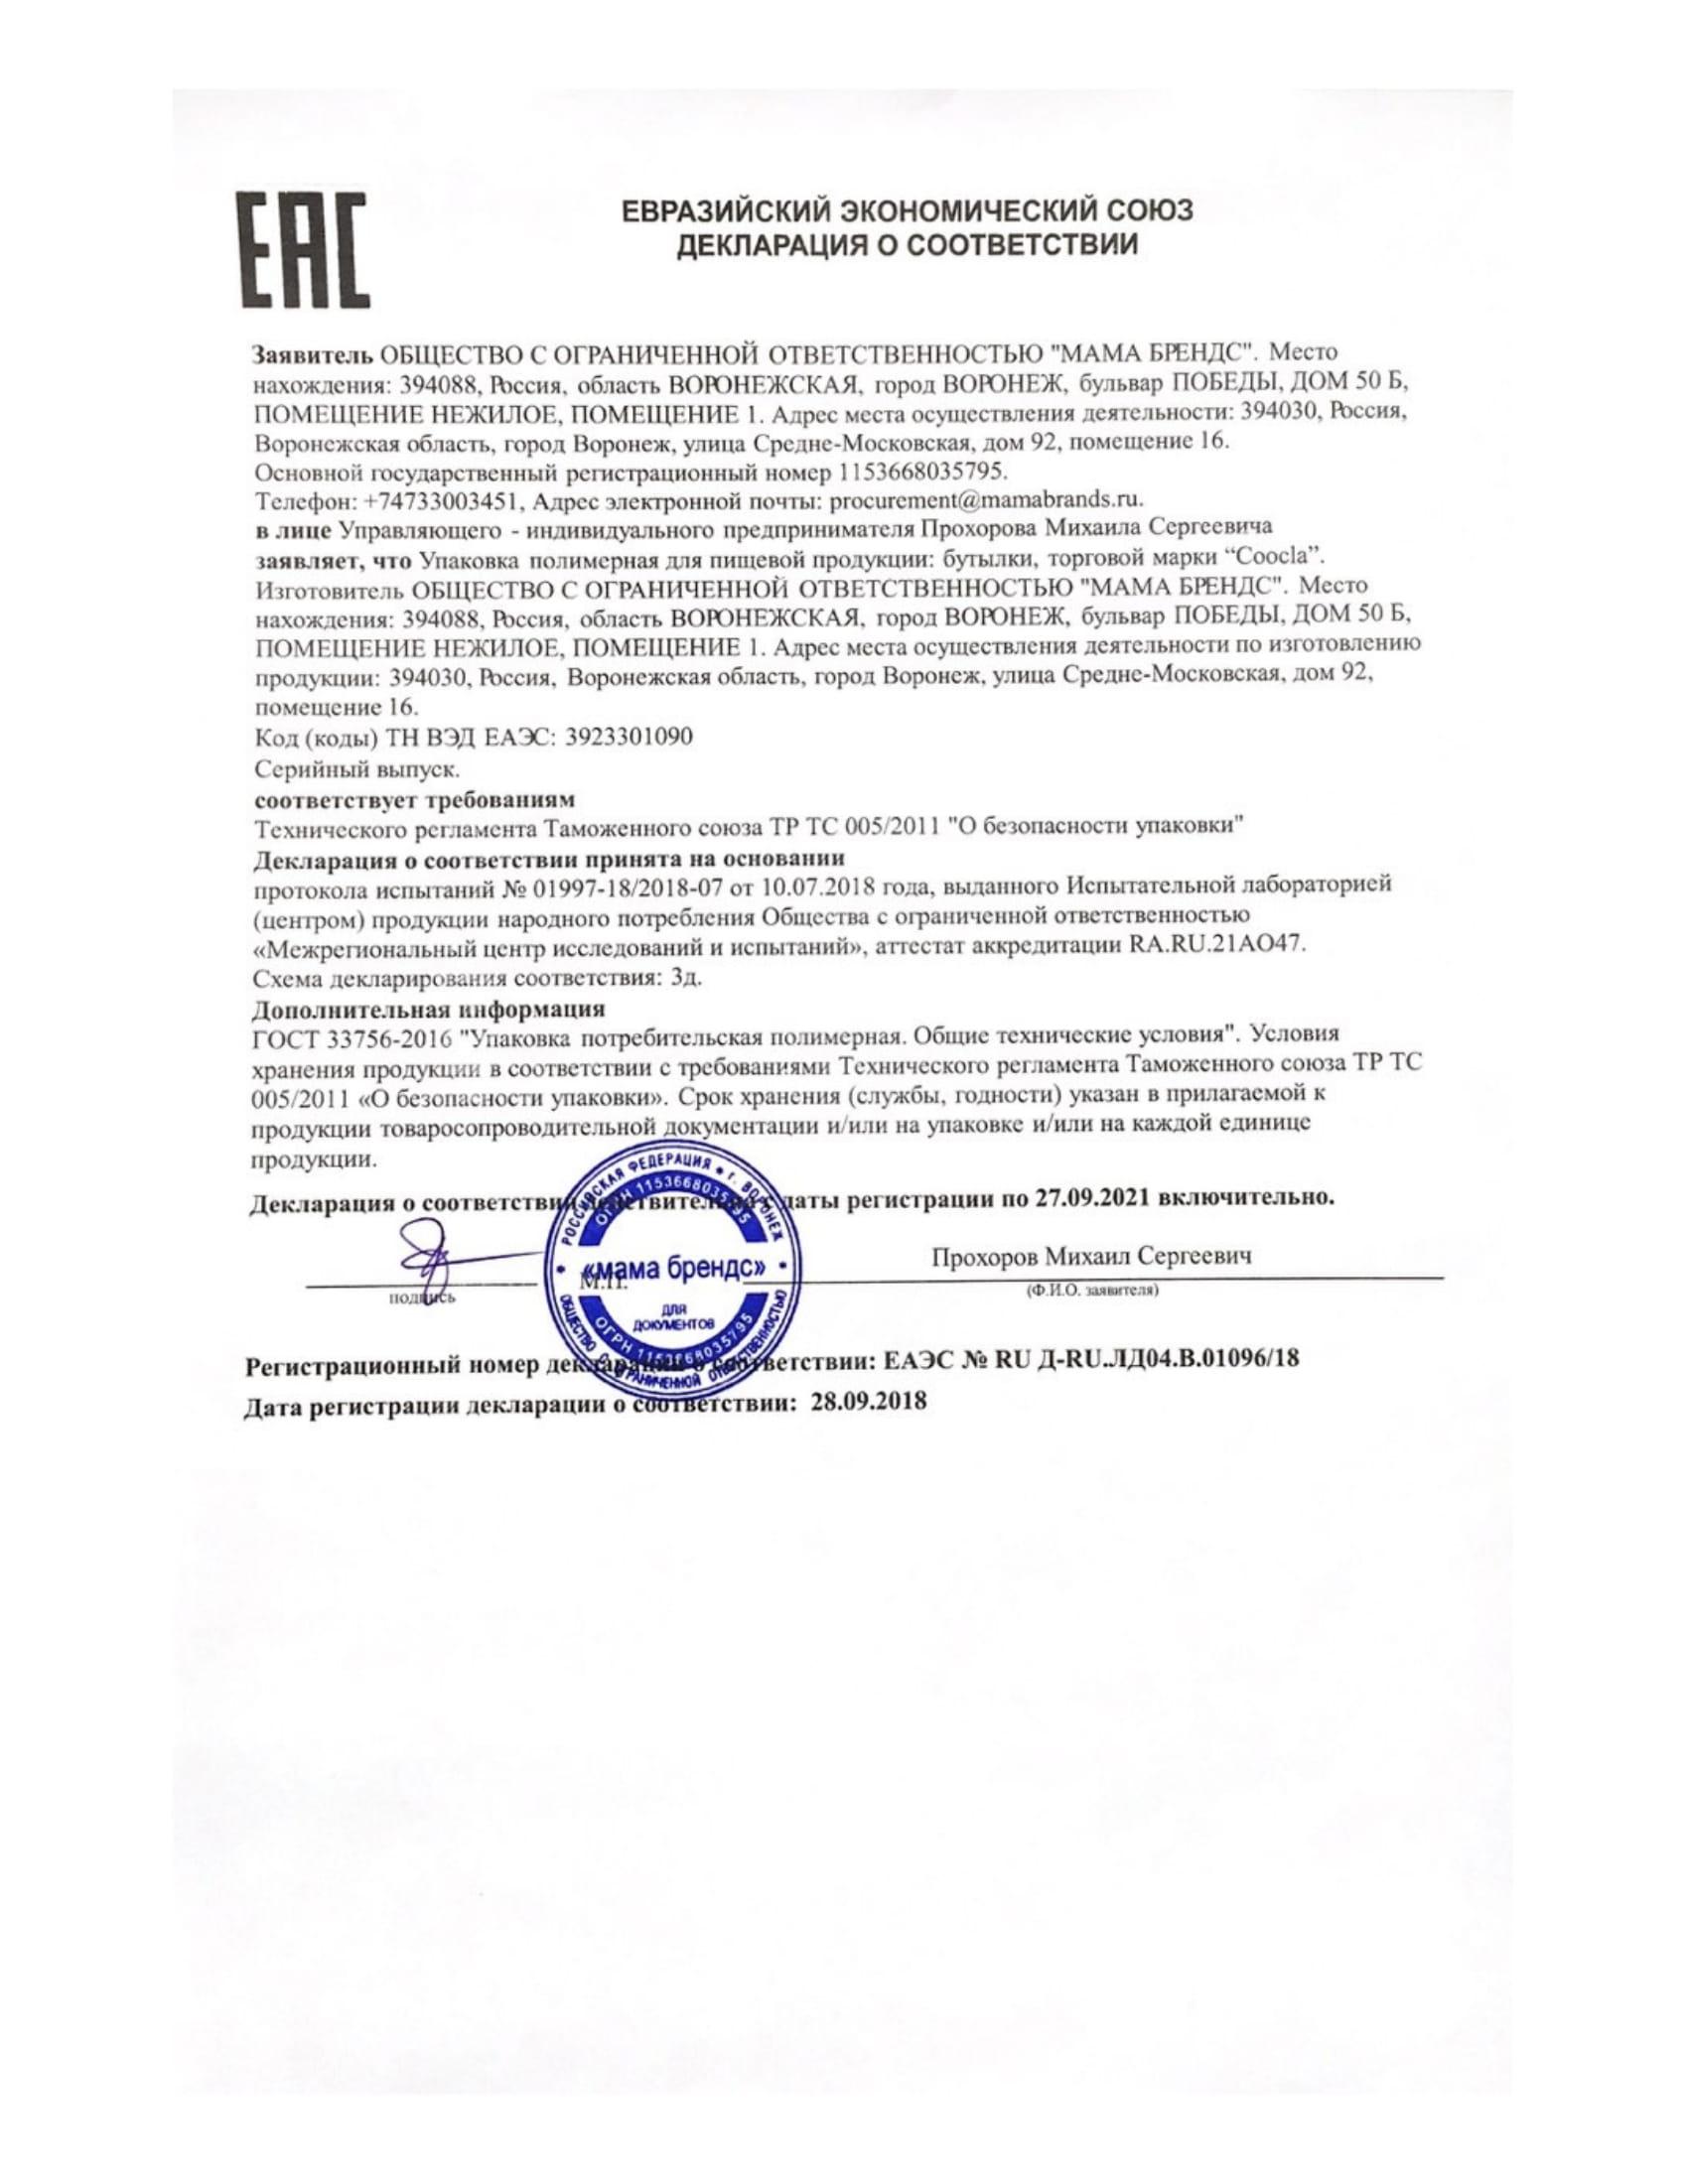 ЕАЭС N RU Д-RU.ЛД04.В.01096-18-1